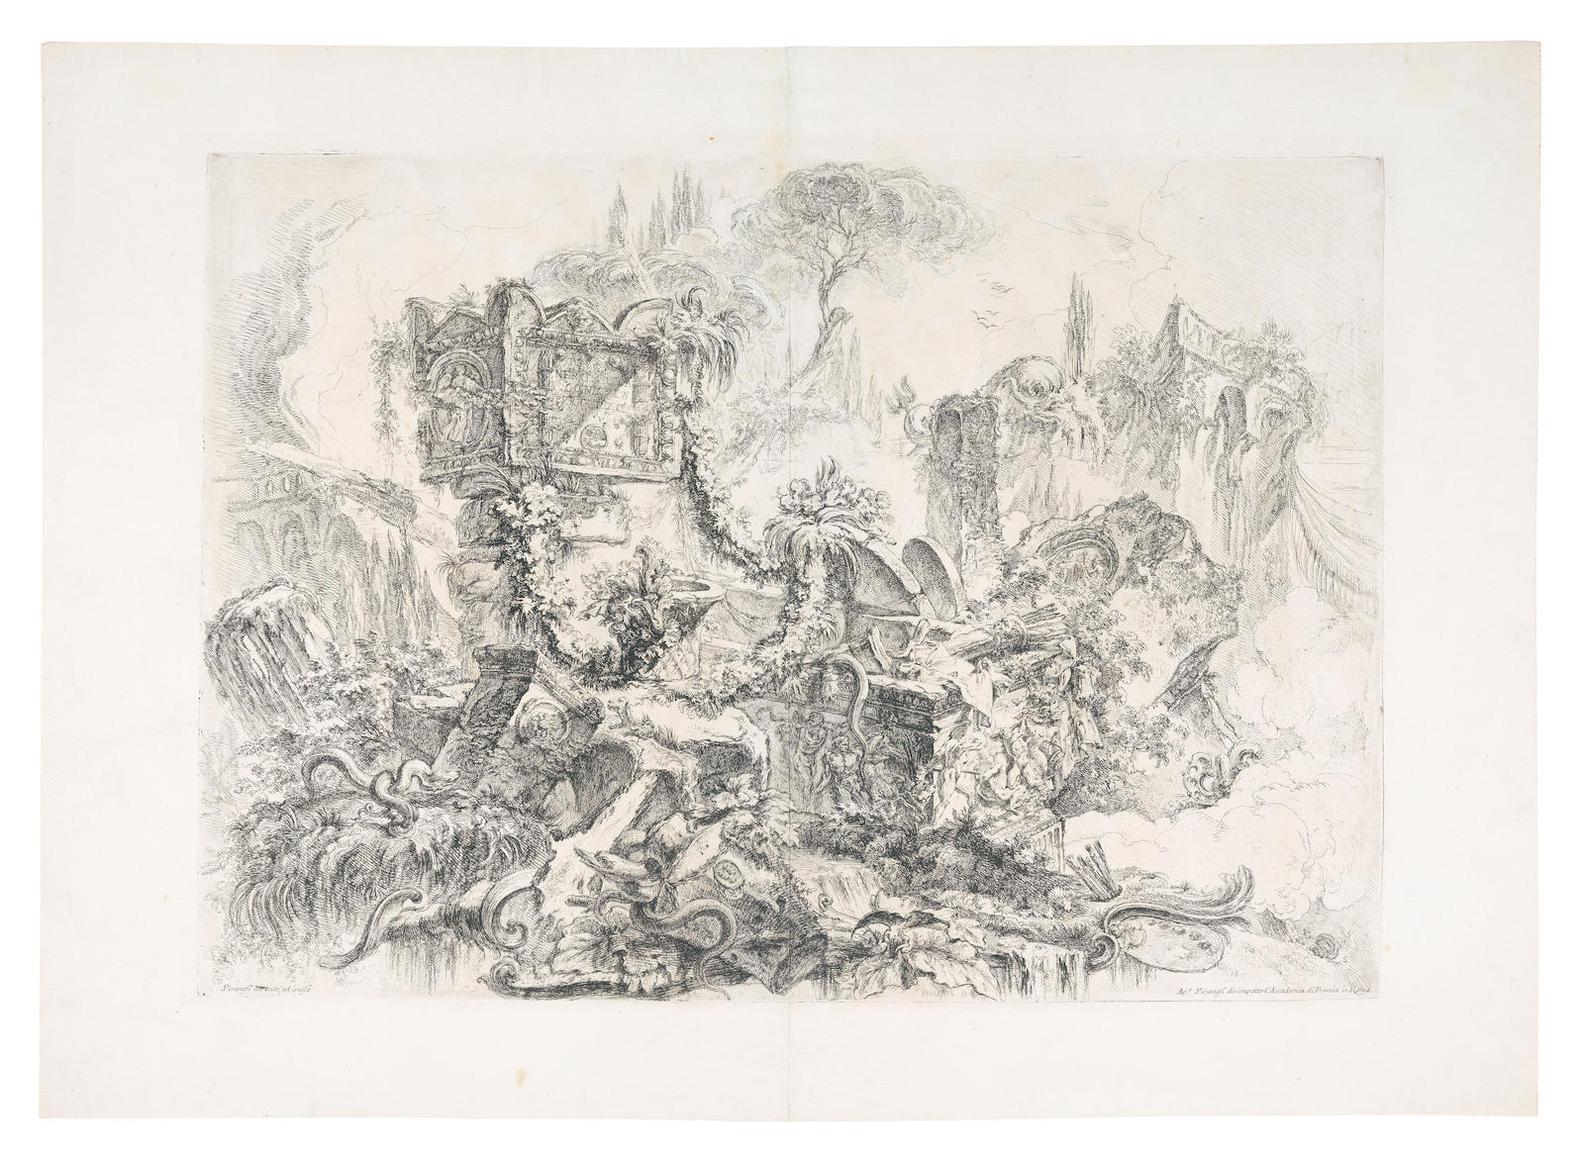 Giovanni Battista Piranesi-Grotteschi-1747